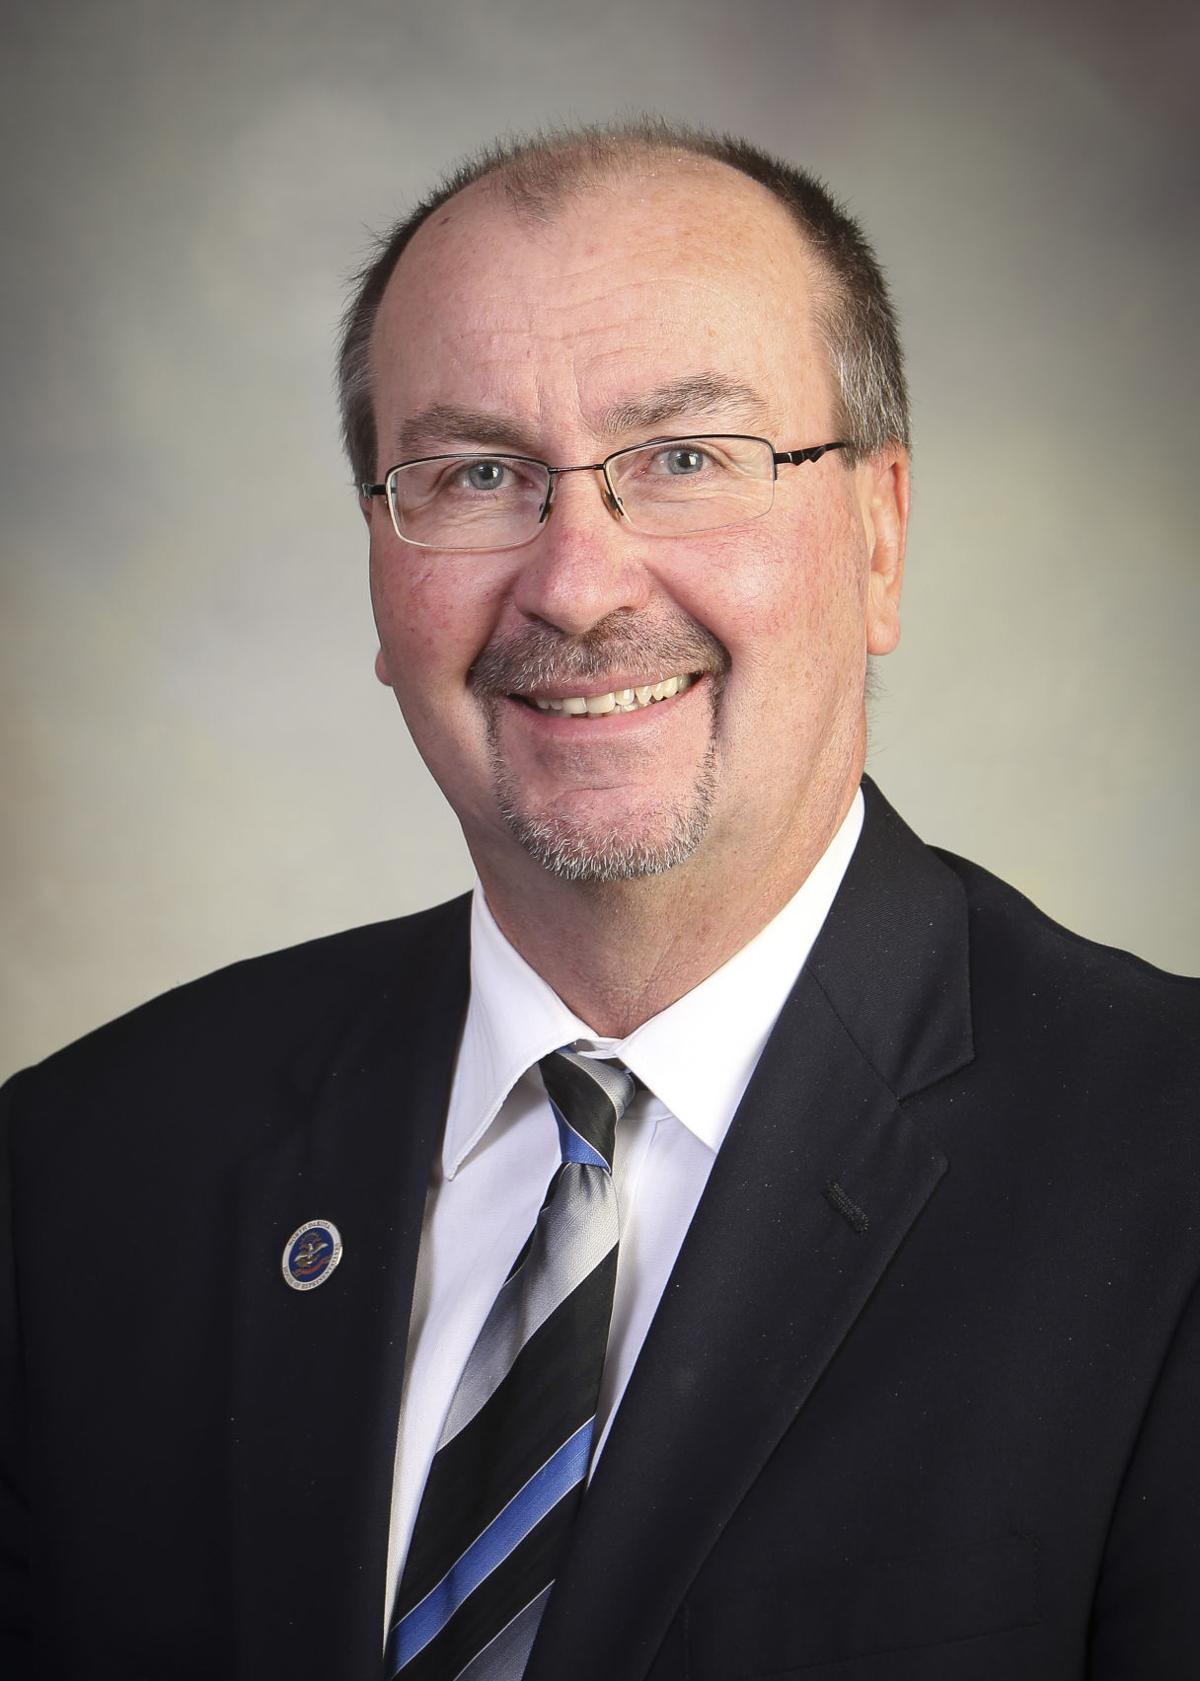 Rep. Chet Pollert, R-Carrington